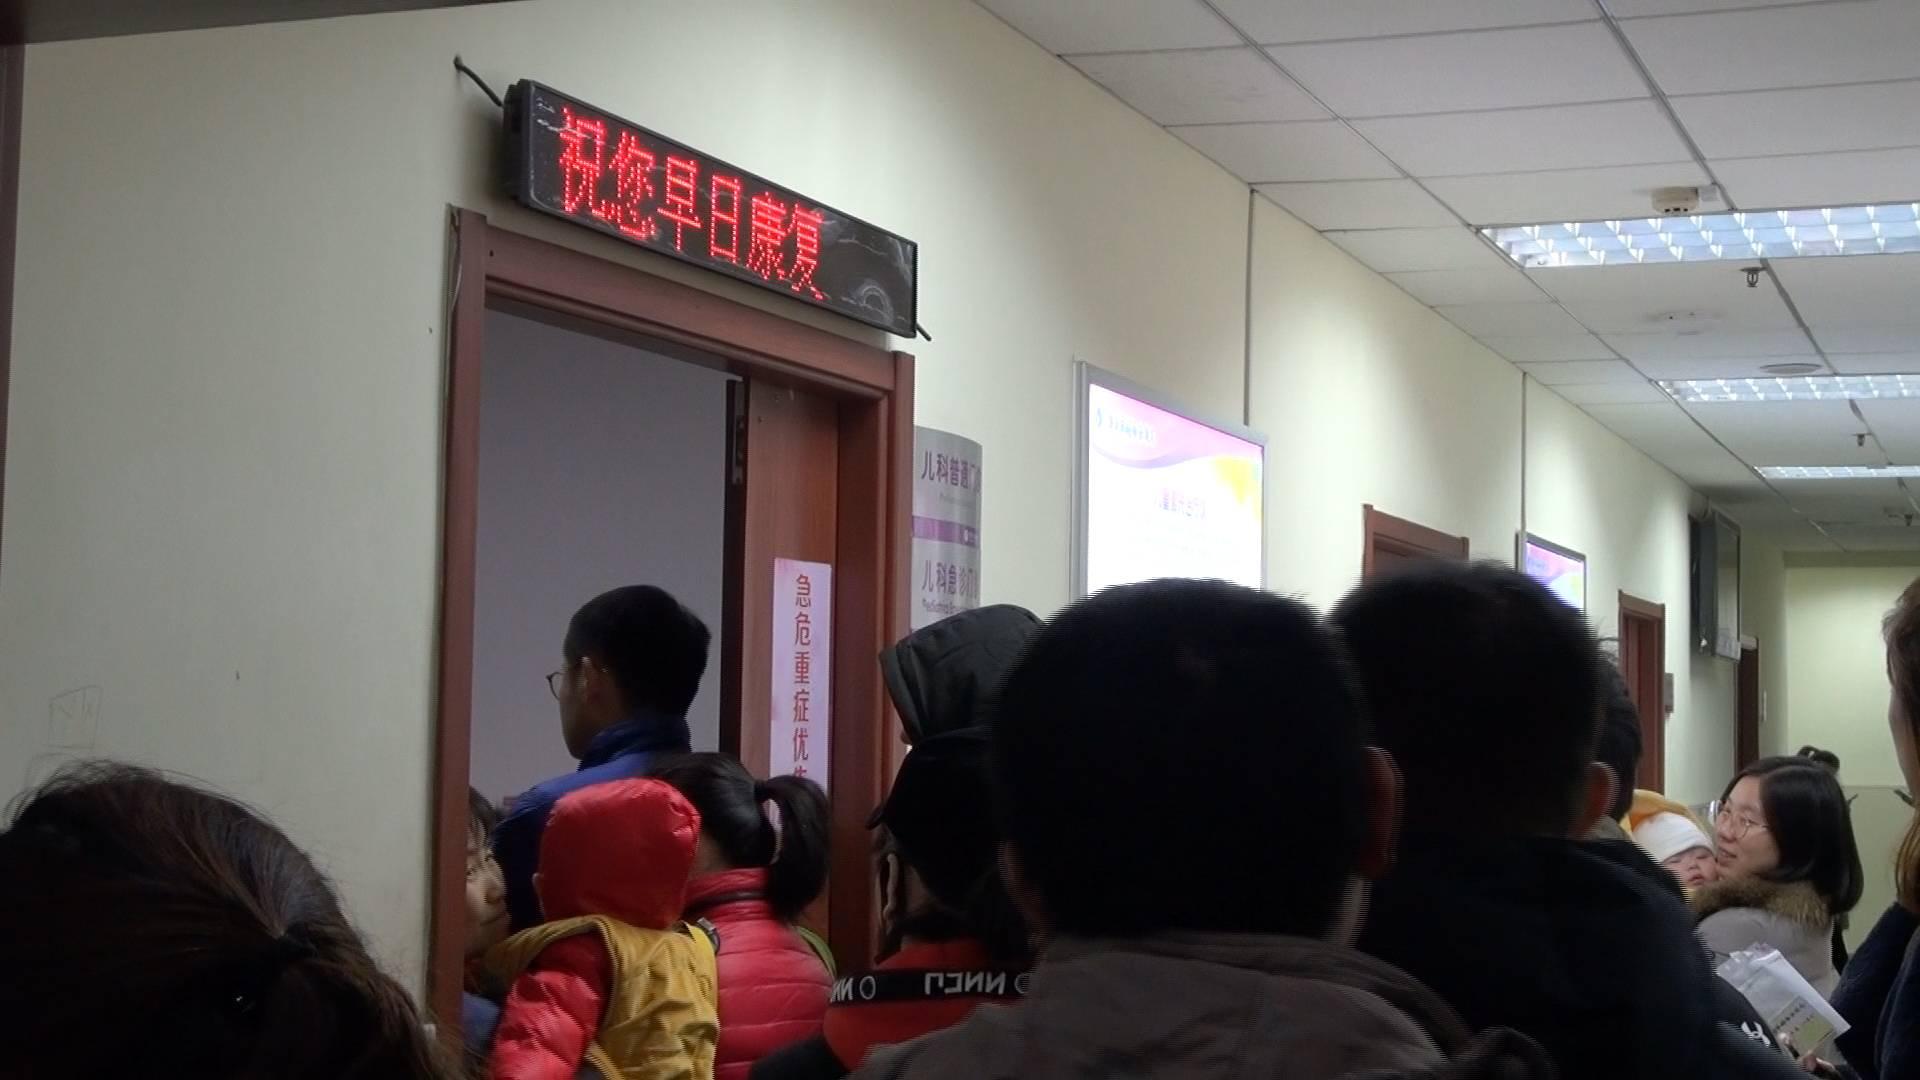 69秒丨济南各大医院儿科人满为患 孩子交叉感染现象突出